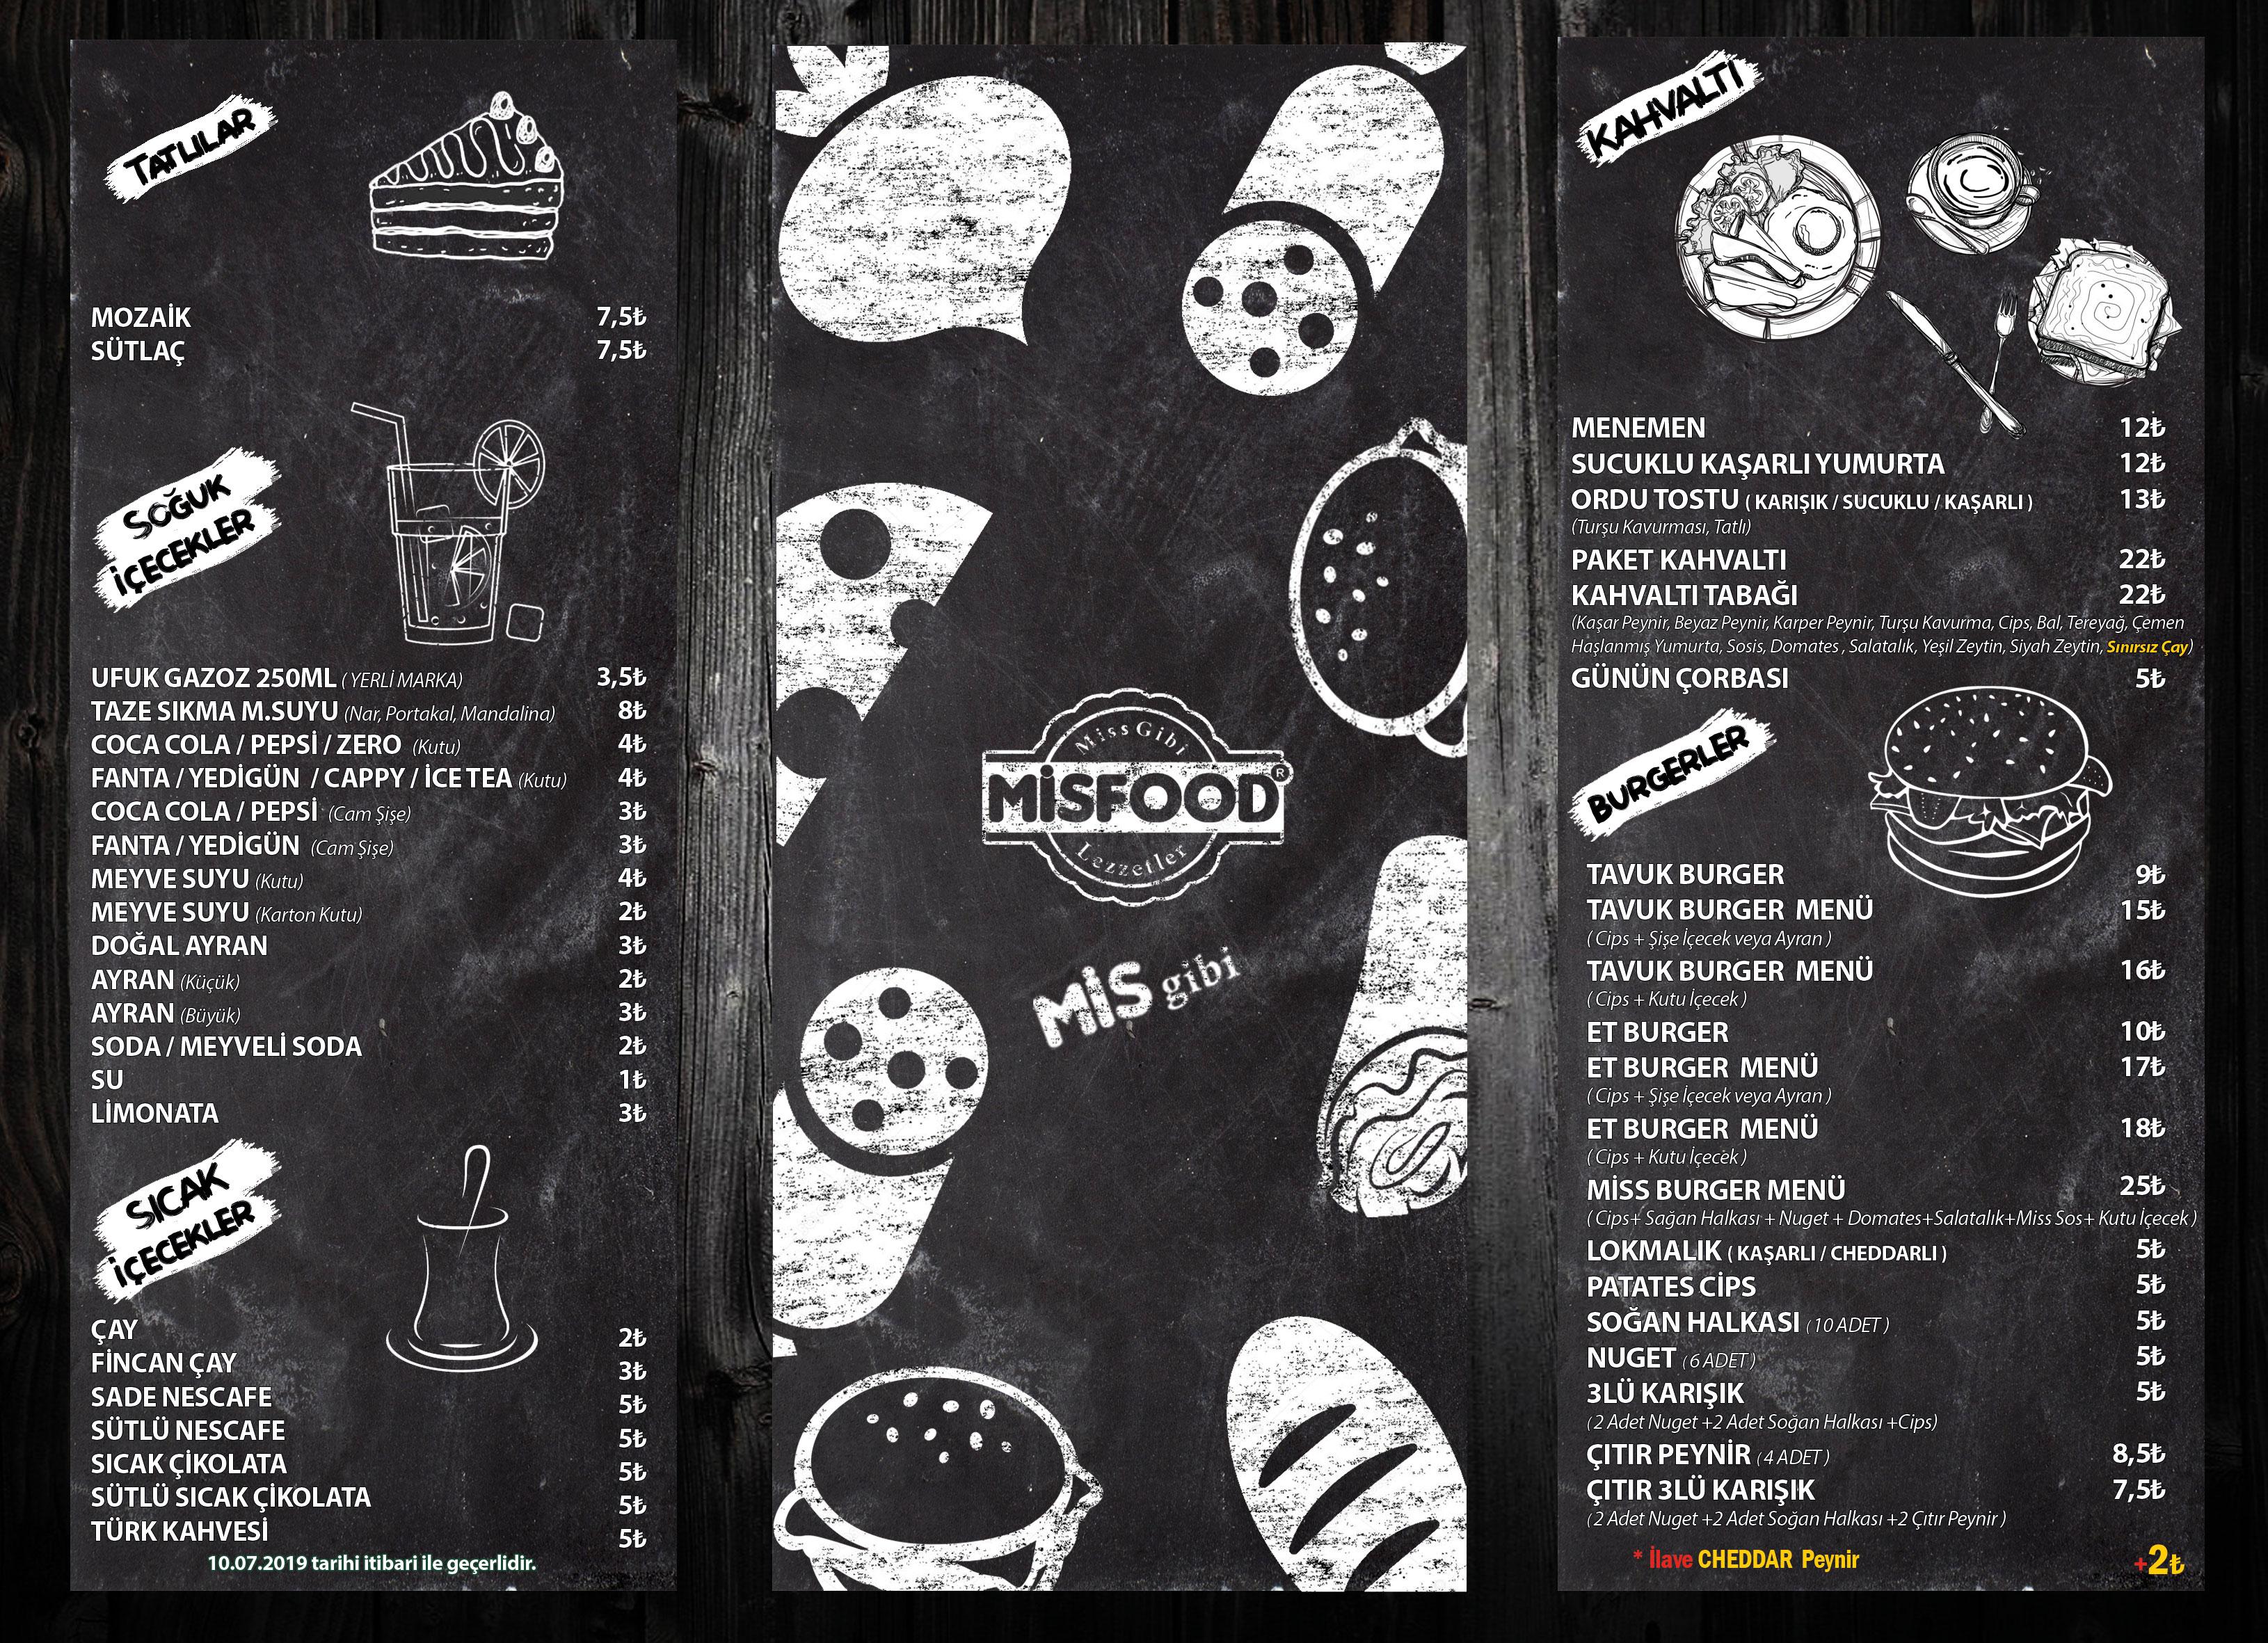 20-07-2019-menu-2